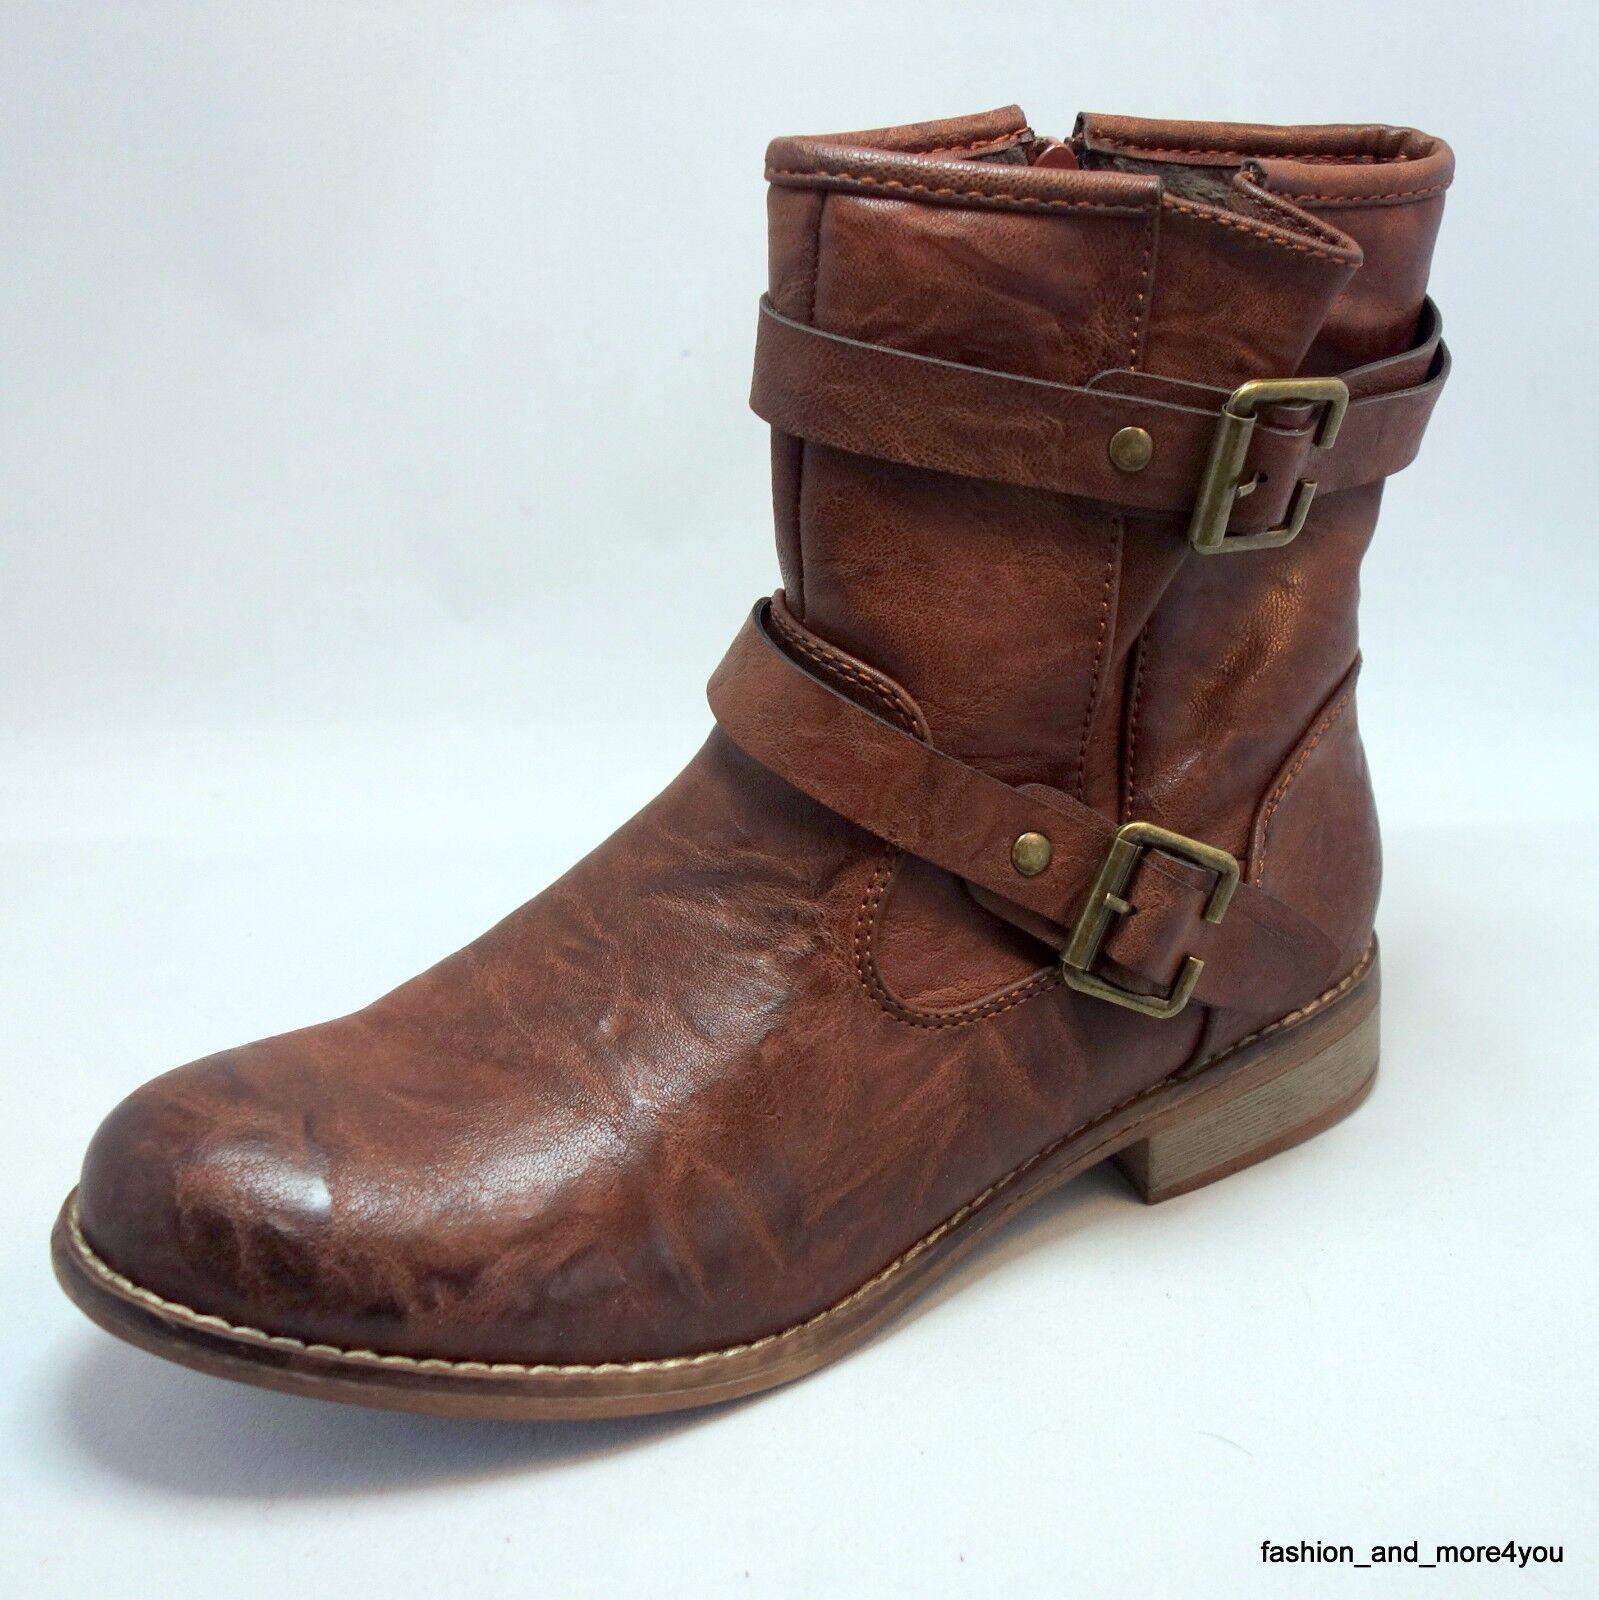 Rieker chice & bequeme Boots Stiefeletten mit Warmfutter Gr.40 braun used Neuஜ